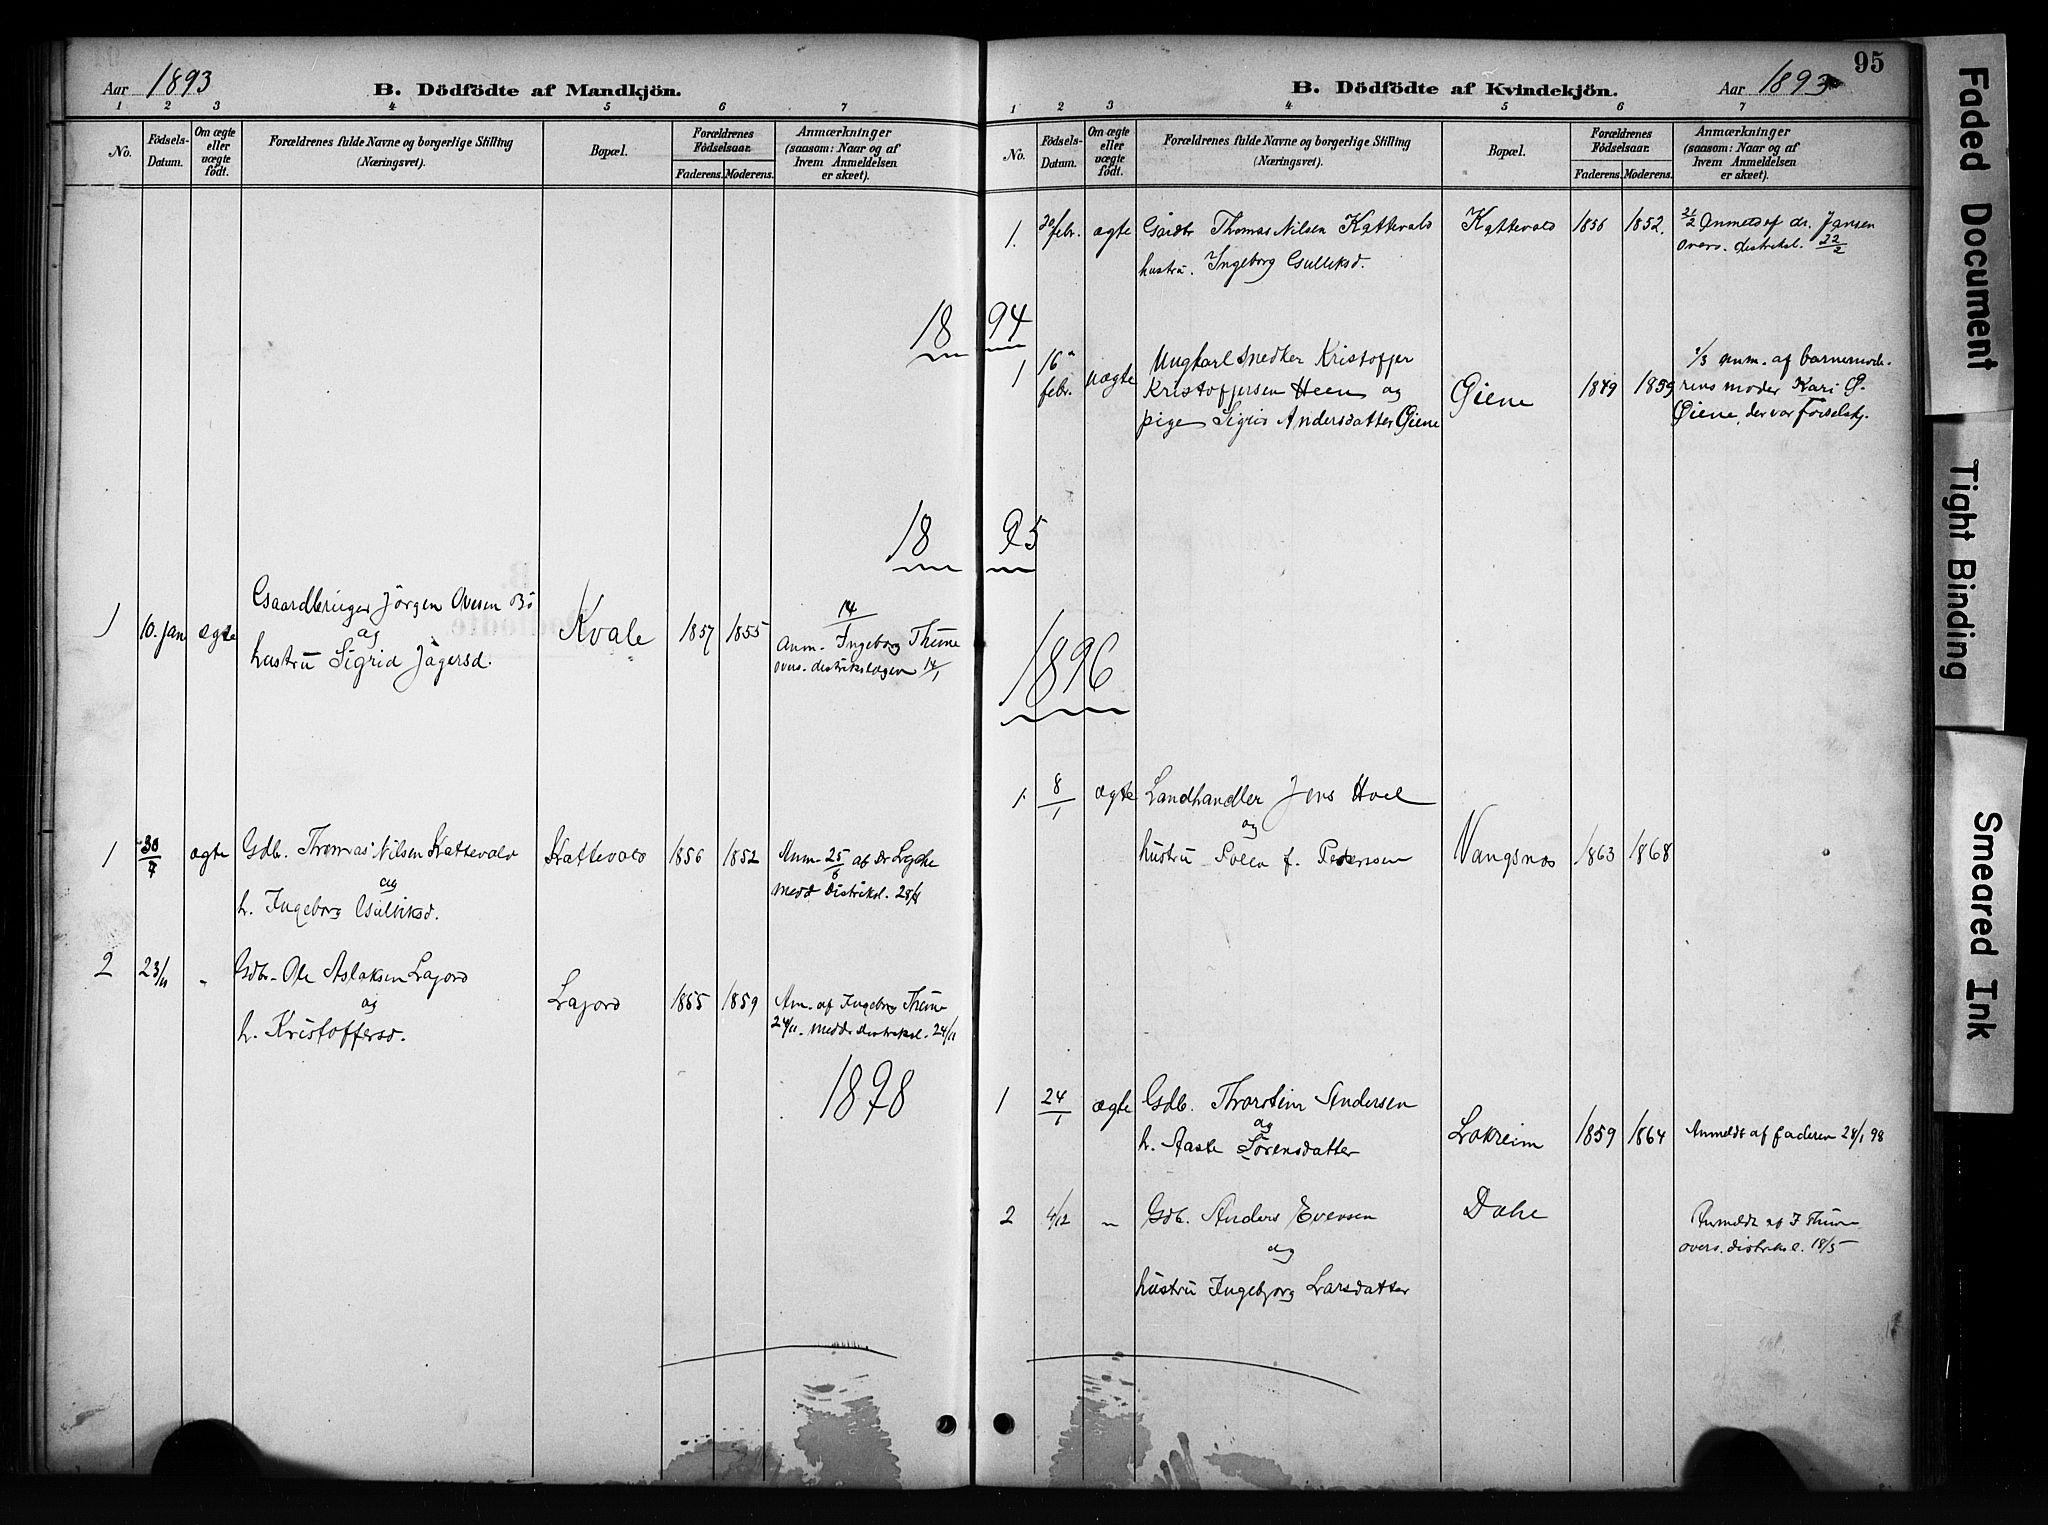 SAH, Vang prestekontor, Valdres, Klokkerbok nr. 6, 1893-1918, s. 95